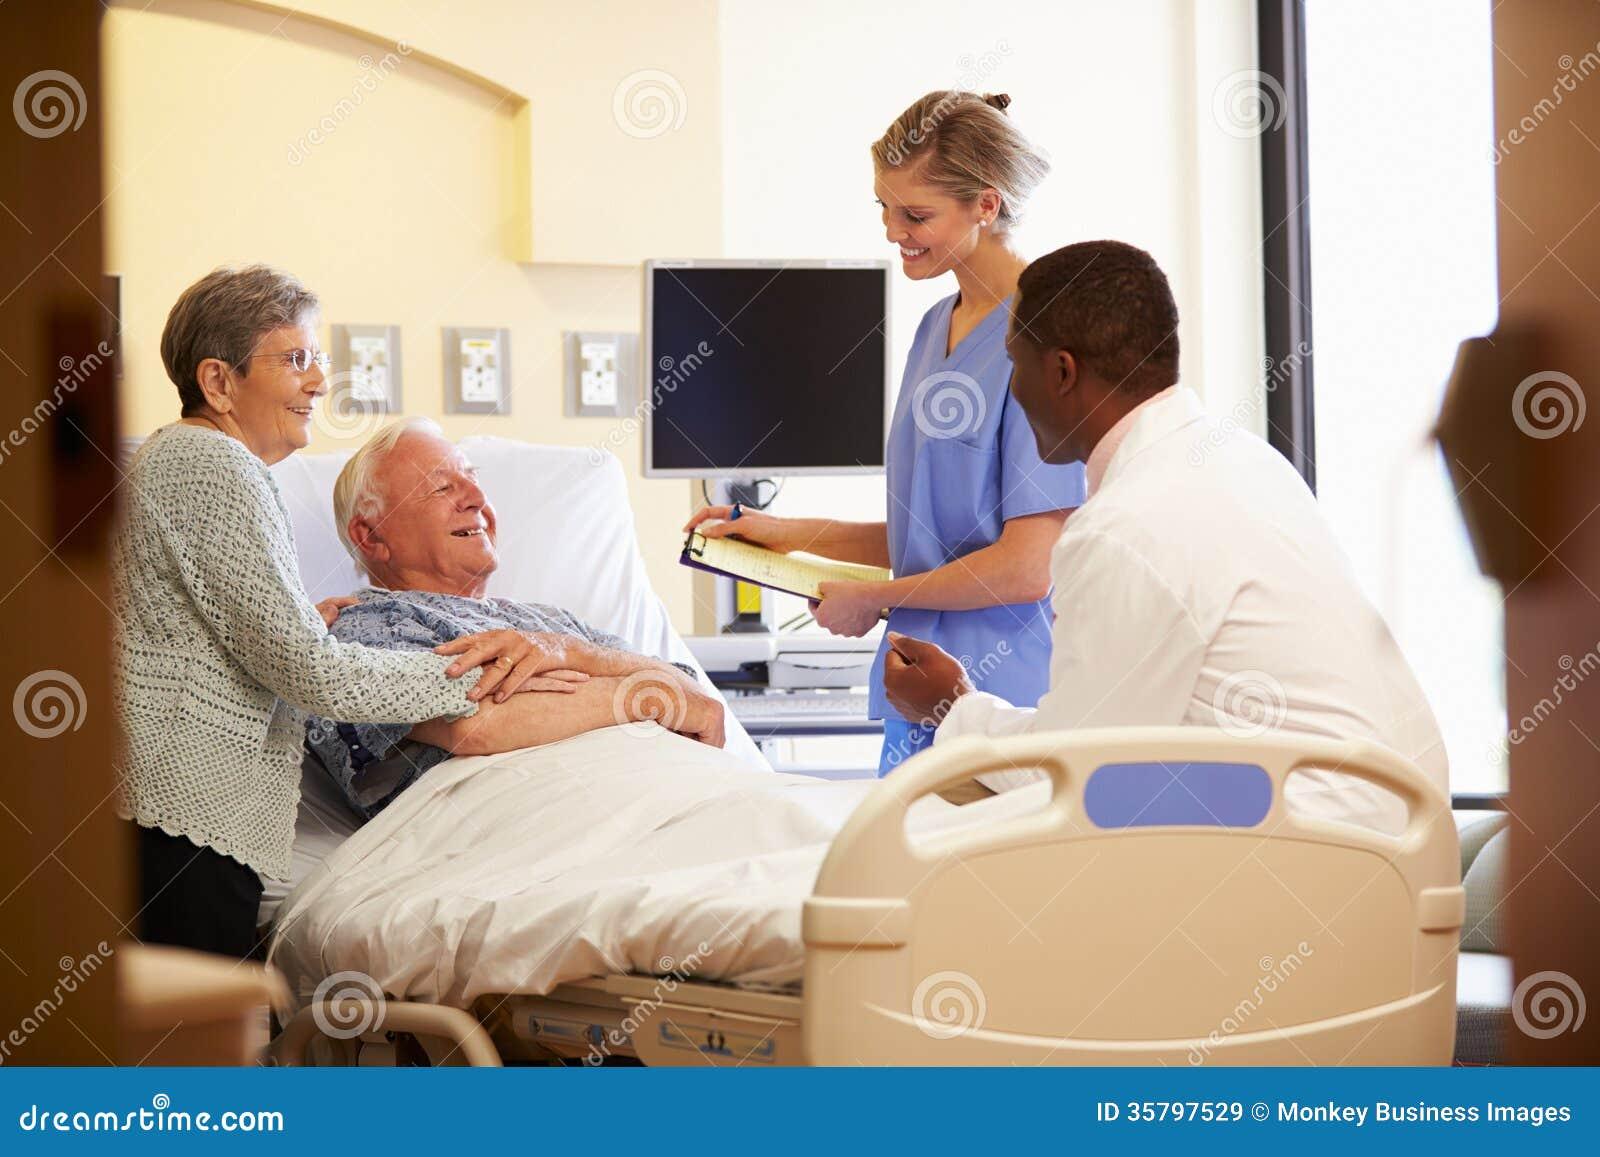 Team Meeting With Senior Couple medico nella stanza di ospedale